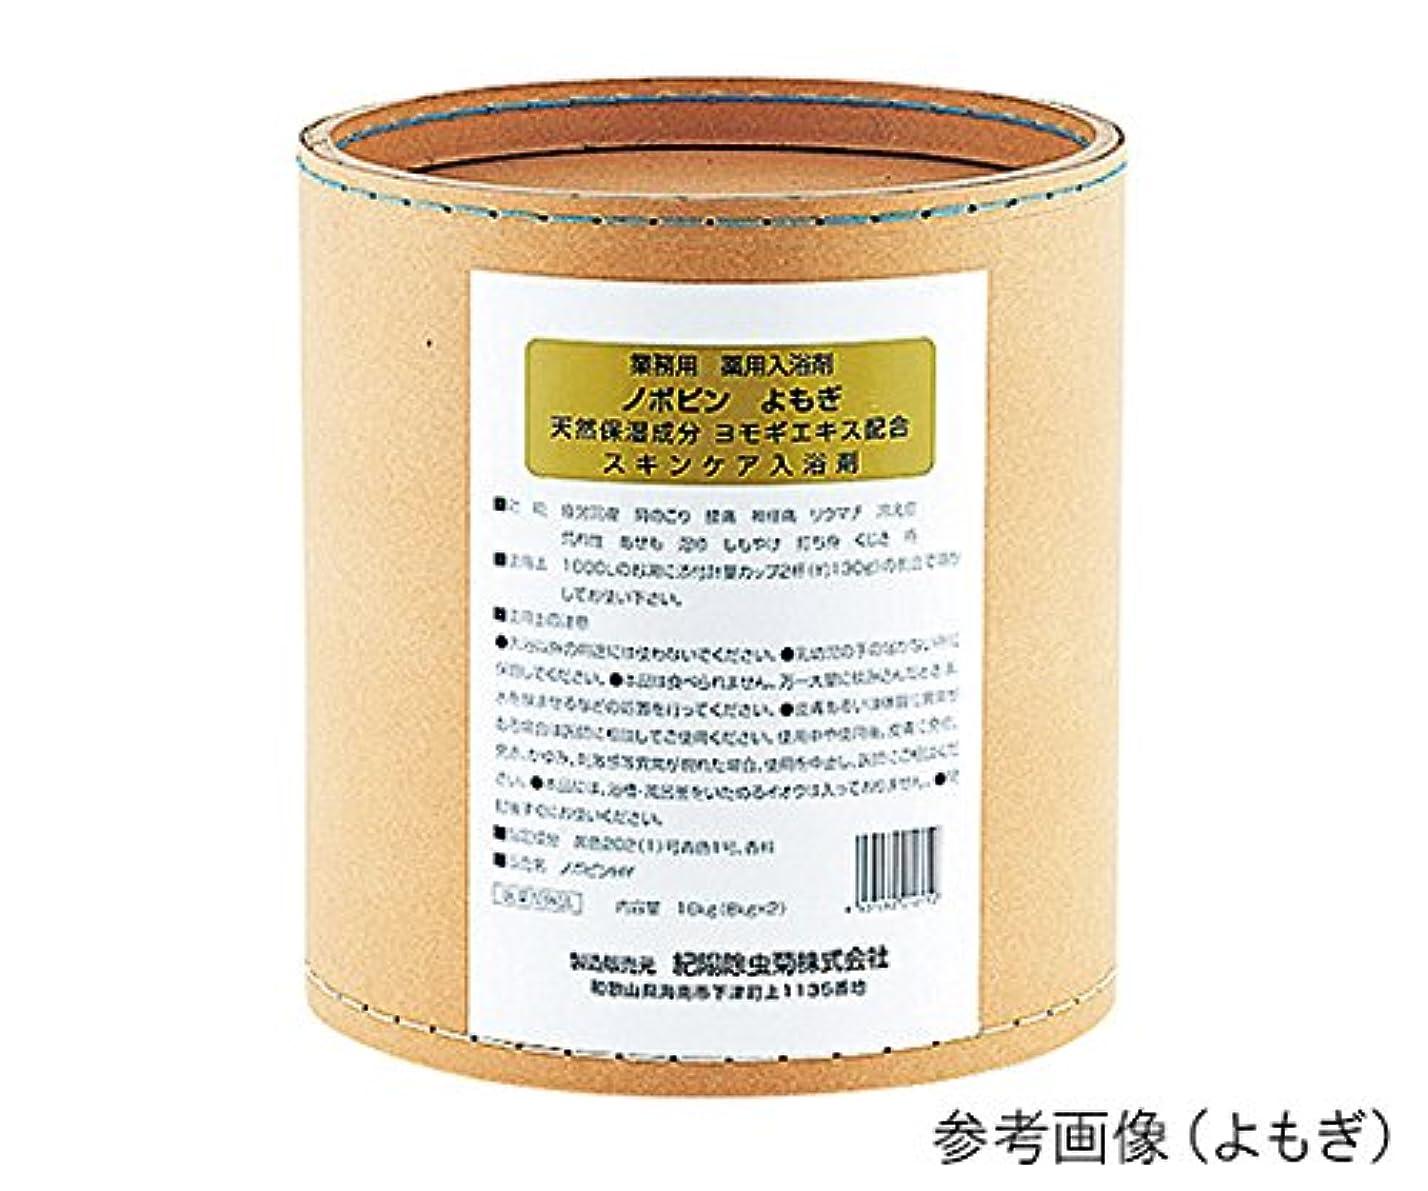 アラーム教育学現代の紀陽除虫菊7-2541-02業務用薬用入浴剤(ノボピン)アロエ(8kg×2個入)